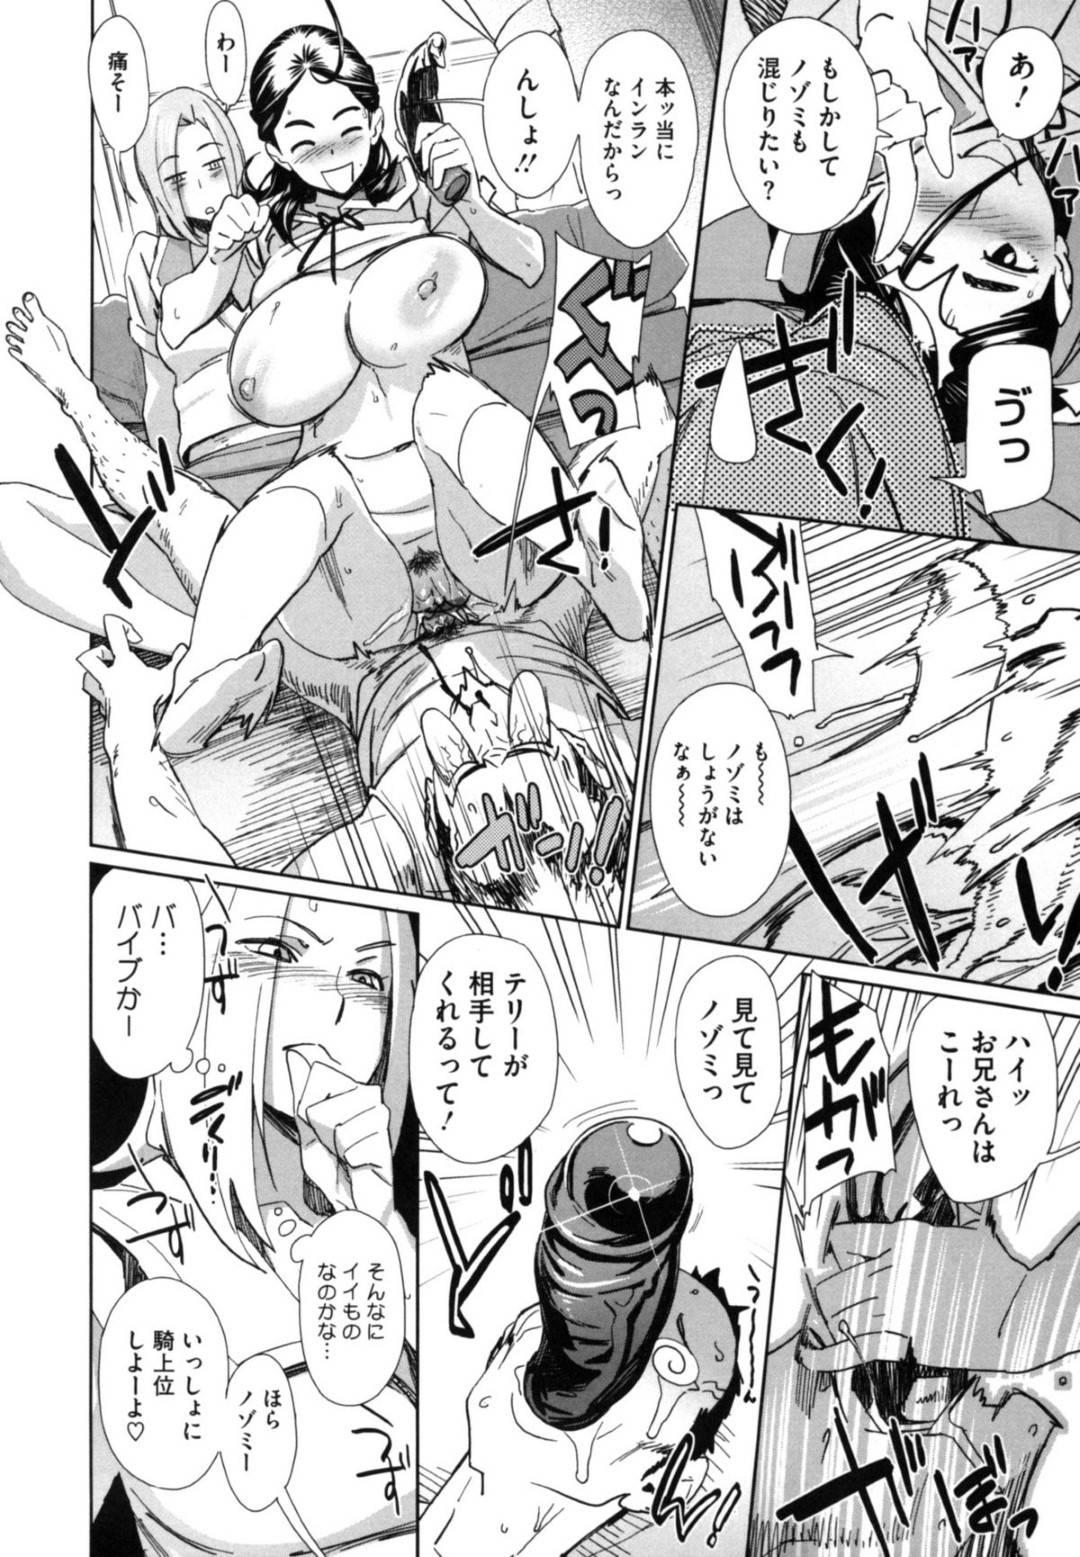 【エロ漫画】親友のクラス一のヤリマン女子の家で相談に乗ってもらう巨乳JK…家に着くなり発情しているJKは装着したバイブを見せながら親友の前で絶頂!【ボボボ】